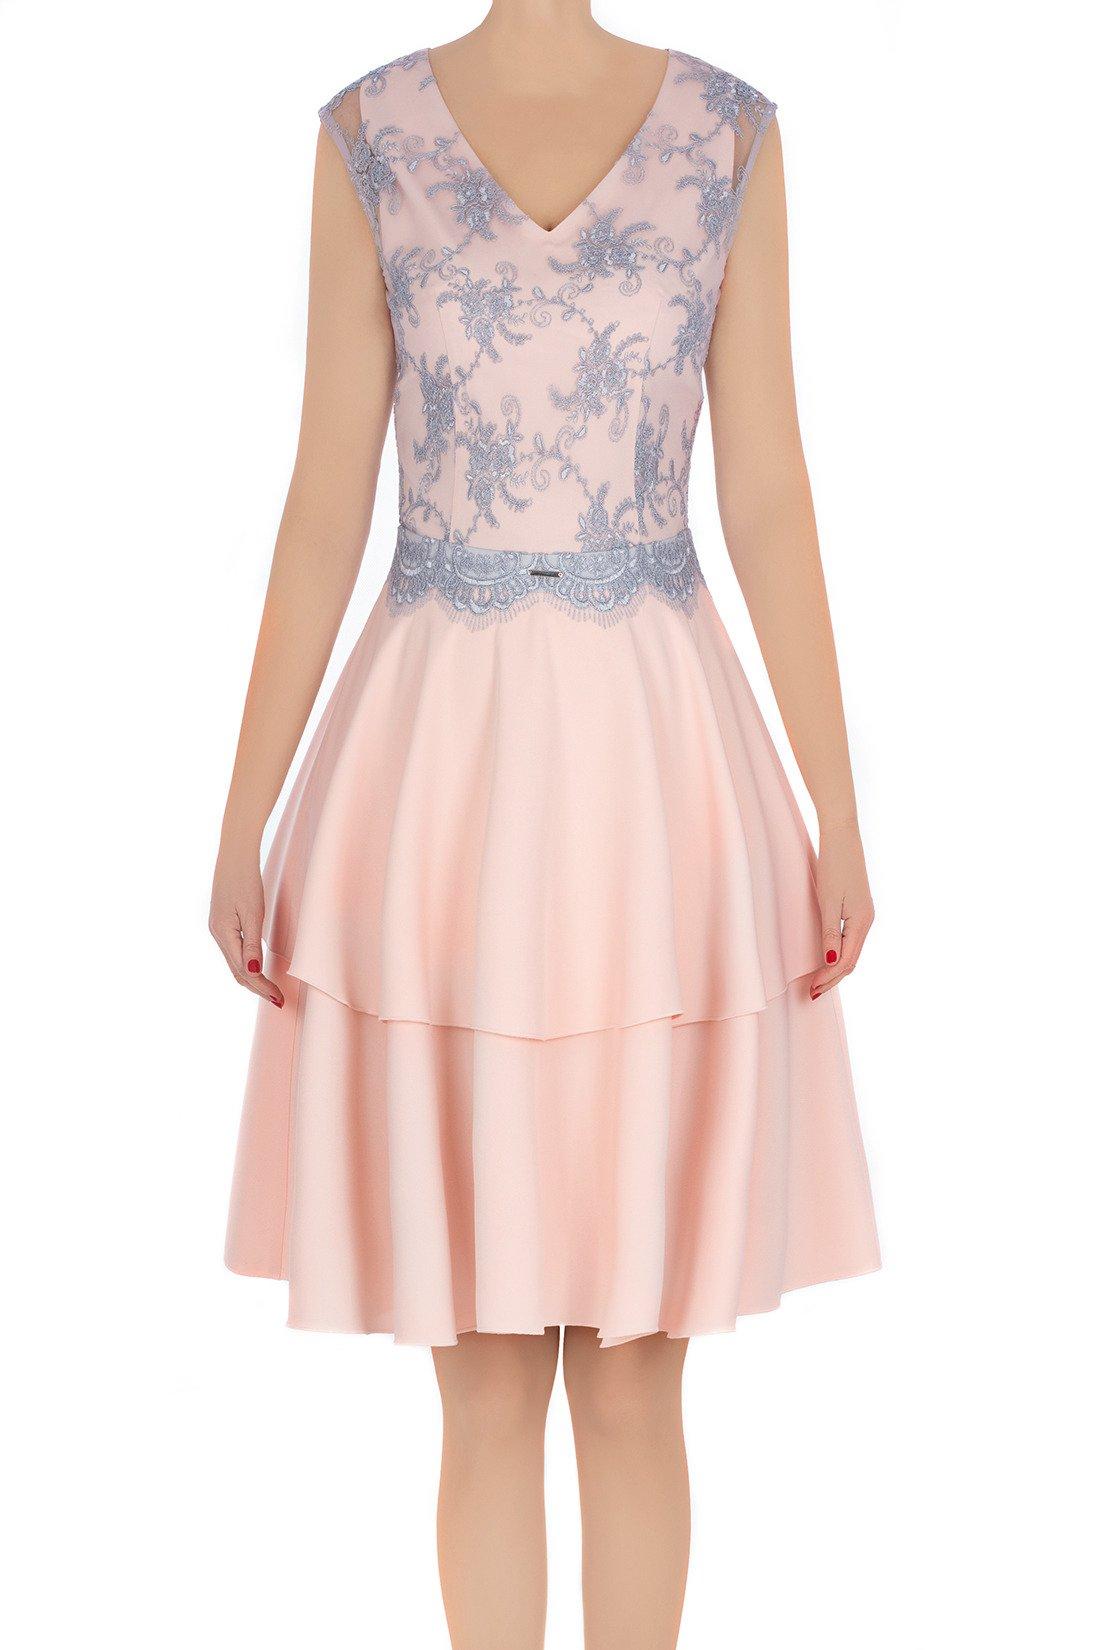 1dc367a20f ... Elegancka sukienka damska Feero pudrowy róż z szarą koronką 3227  Kliknij